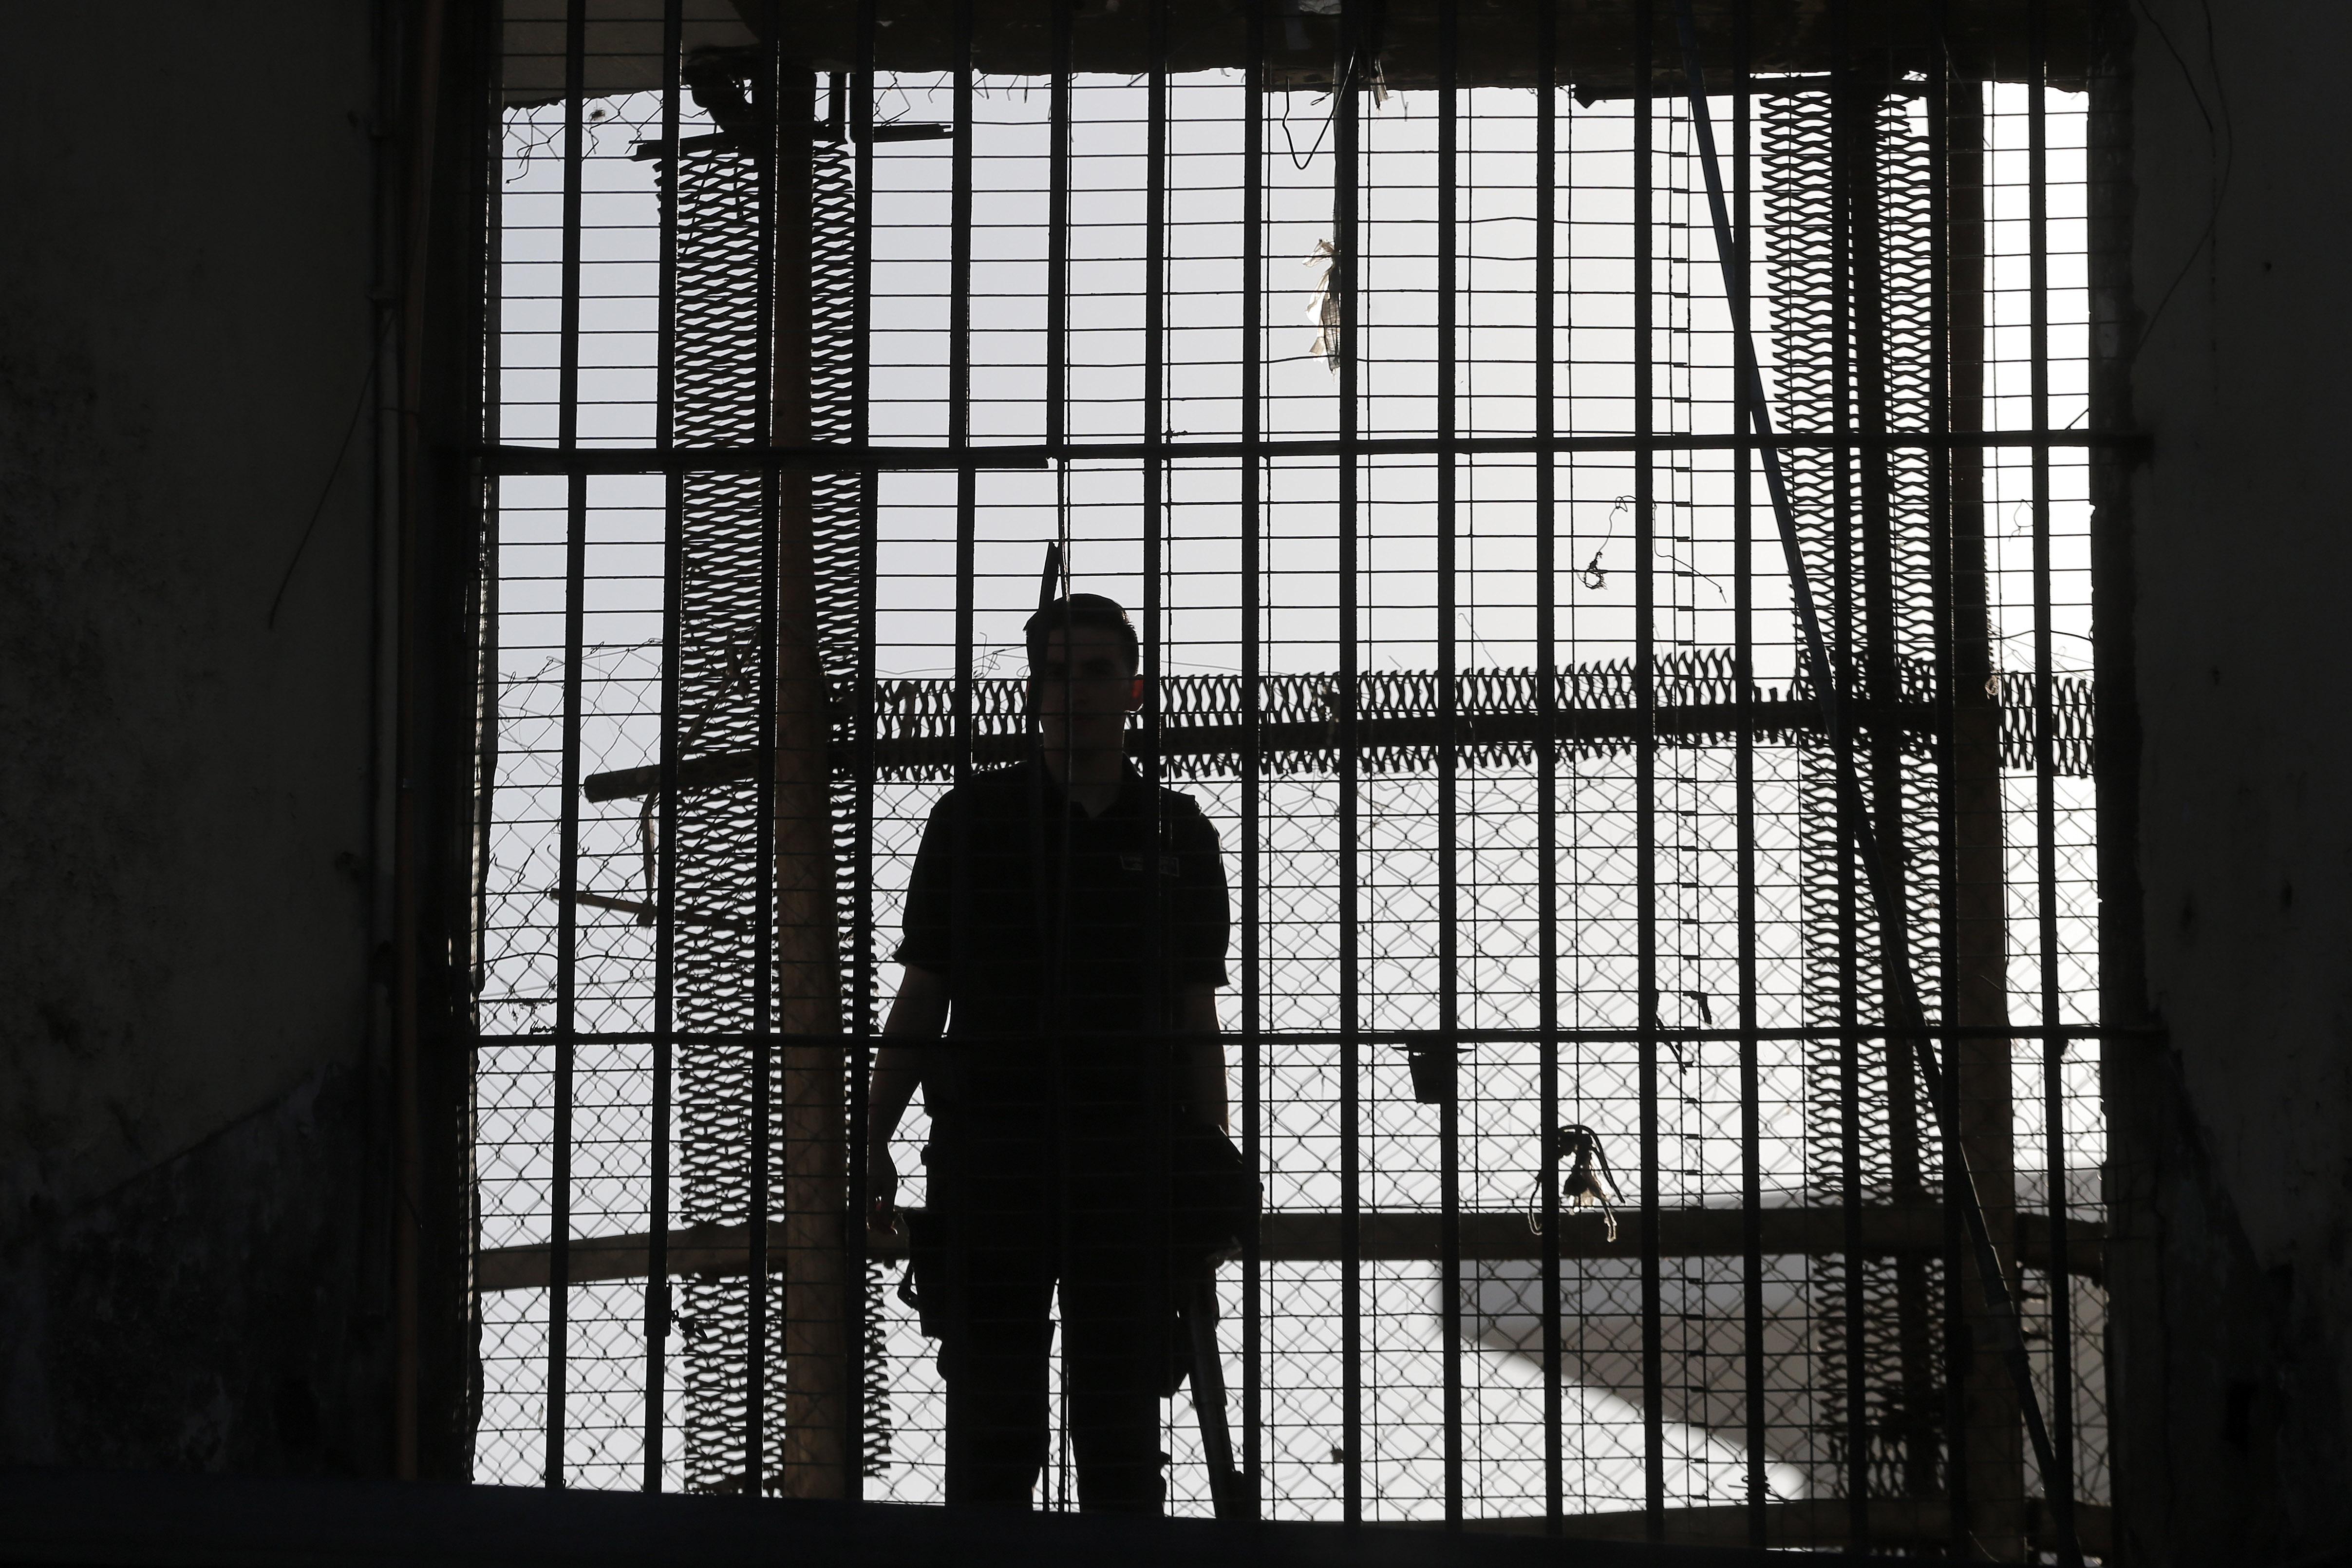 La mayoría en la RM: 80 abogados han sido denunciados por ingresar drogas a las cárceles desde 2015